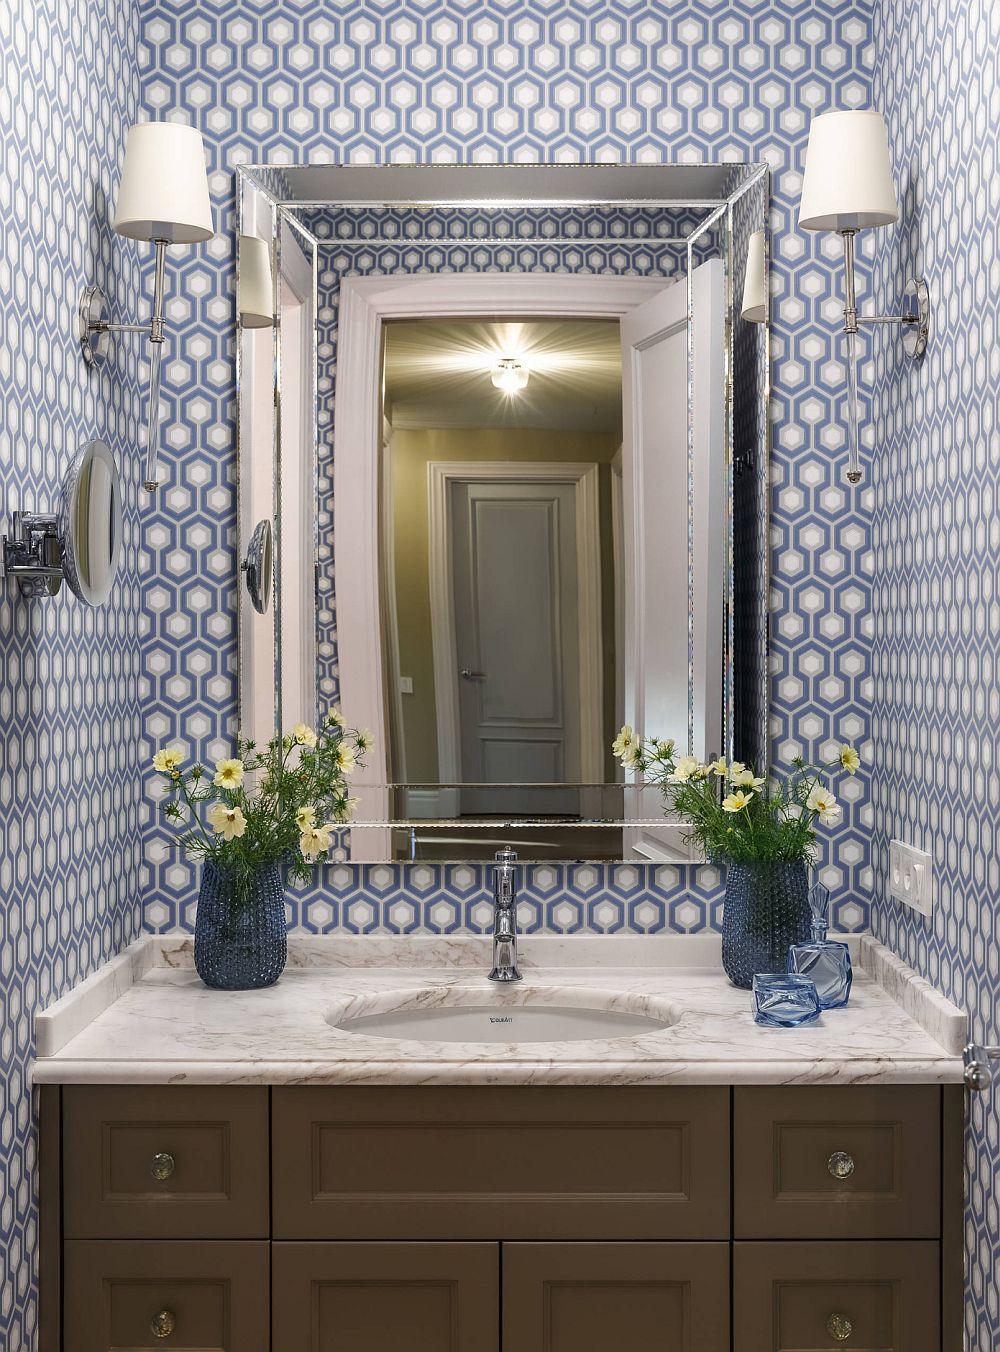 Locul de lavoar din baia matrimonială este simetric gândit. Albul și albastru se combină frumos cu textura din lemn a mobilierului prezent aici.